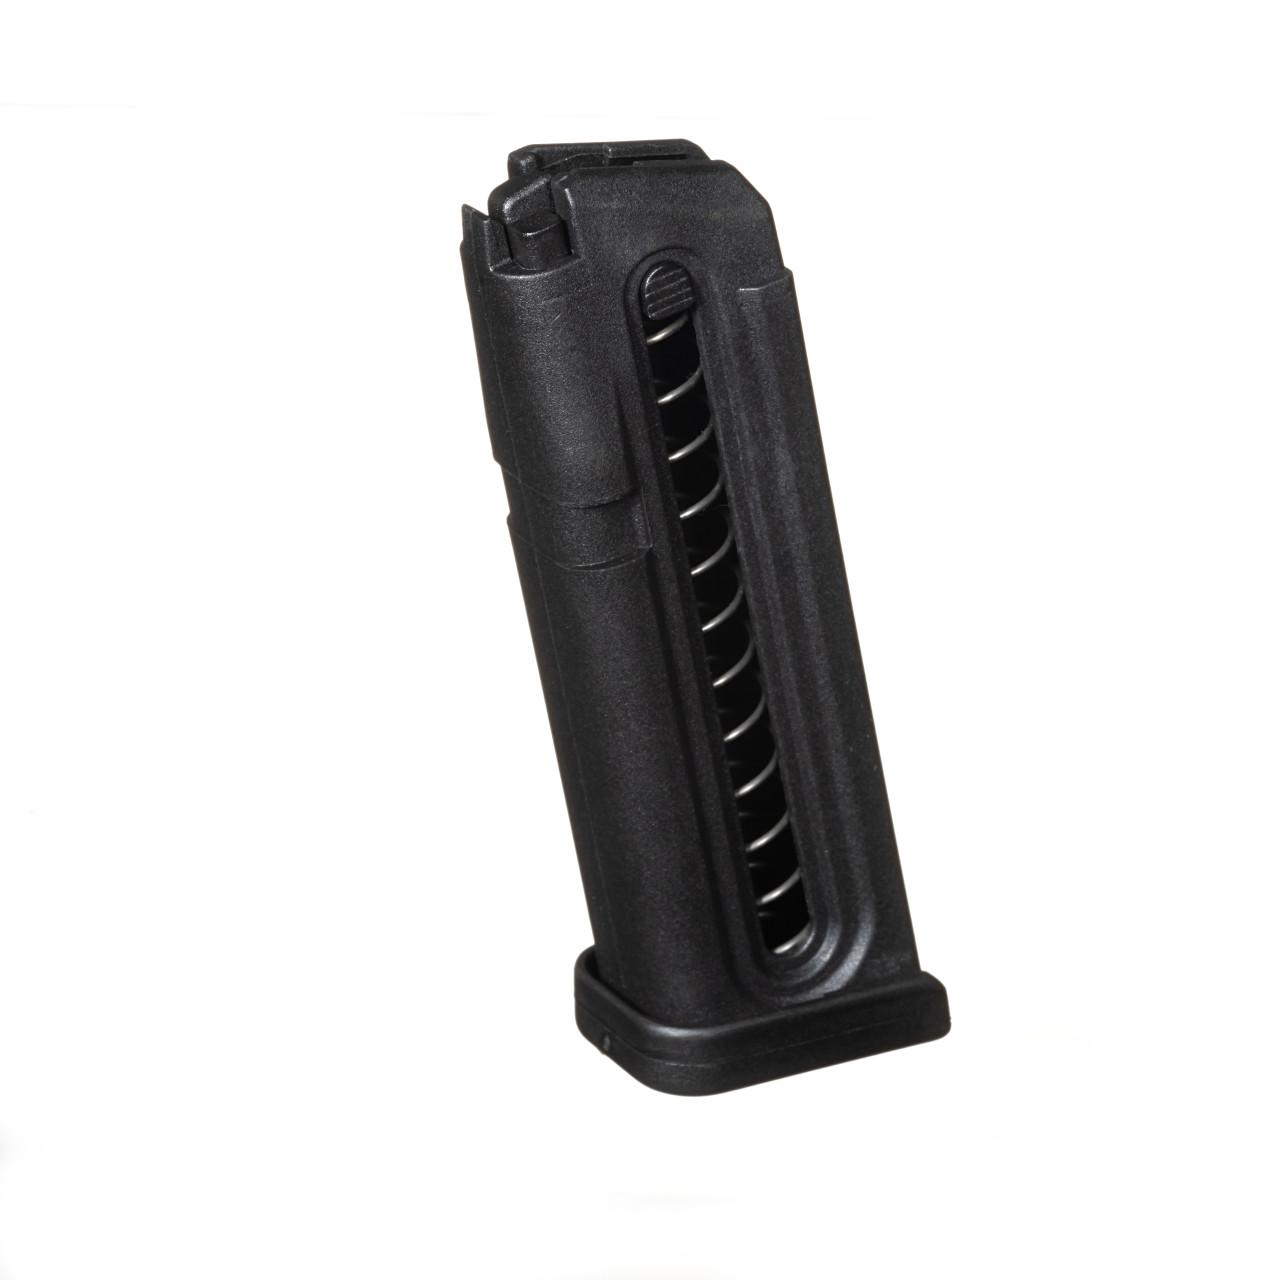 Fits Glock® Model 44 .22 LR (18) Rd Black Polymer